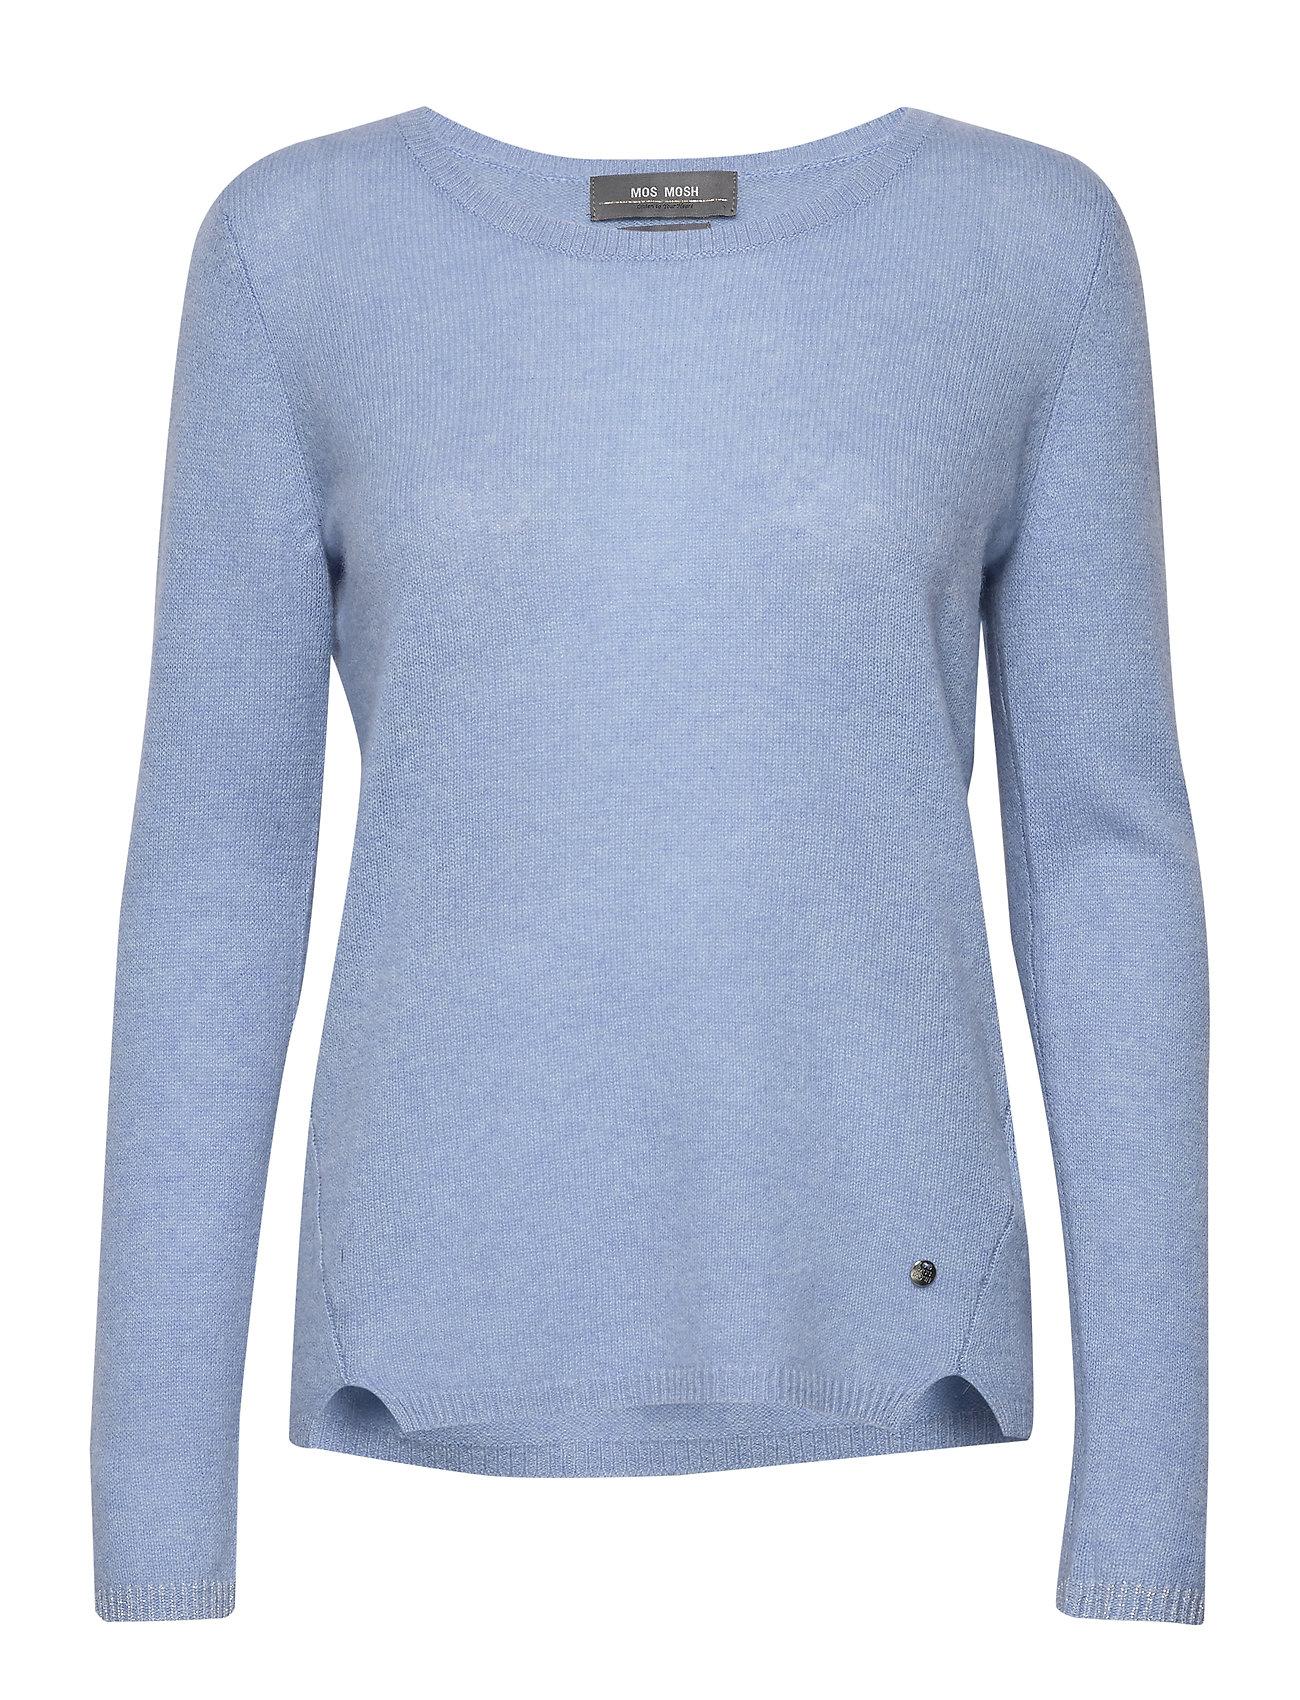 MOS MOSH Sophia O-neck Cashmere - SKY BLUE